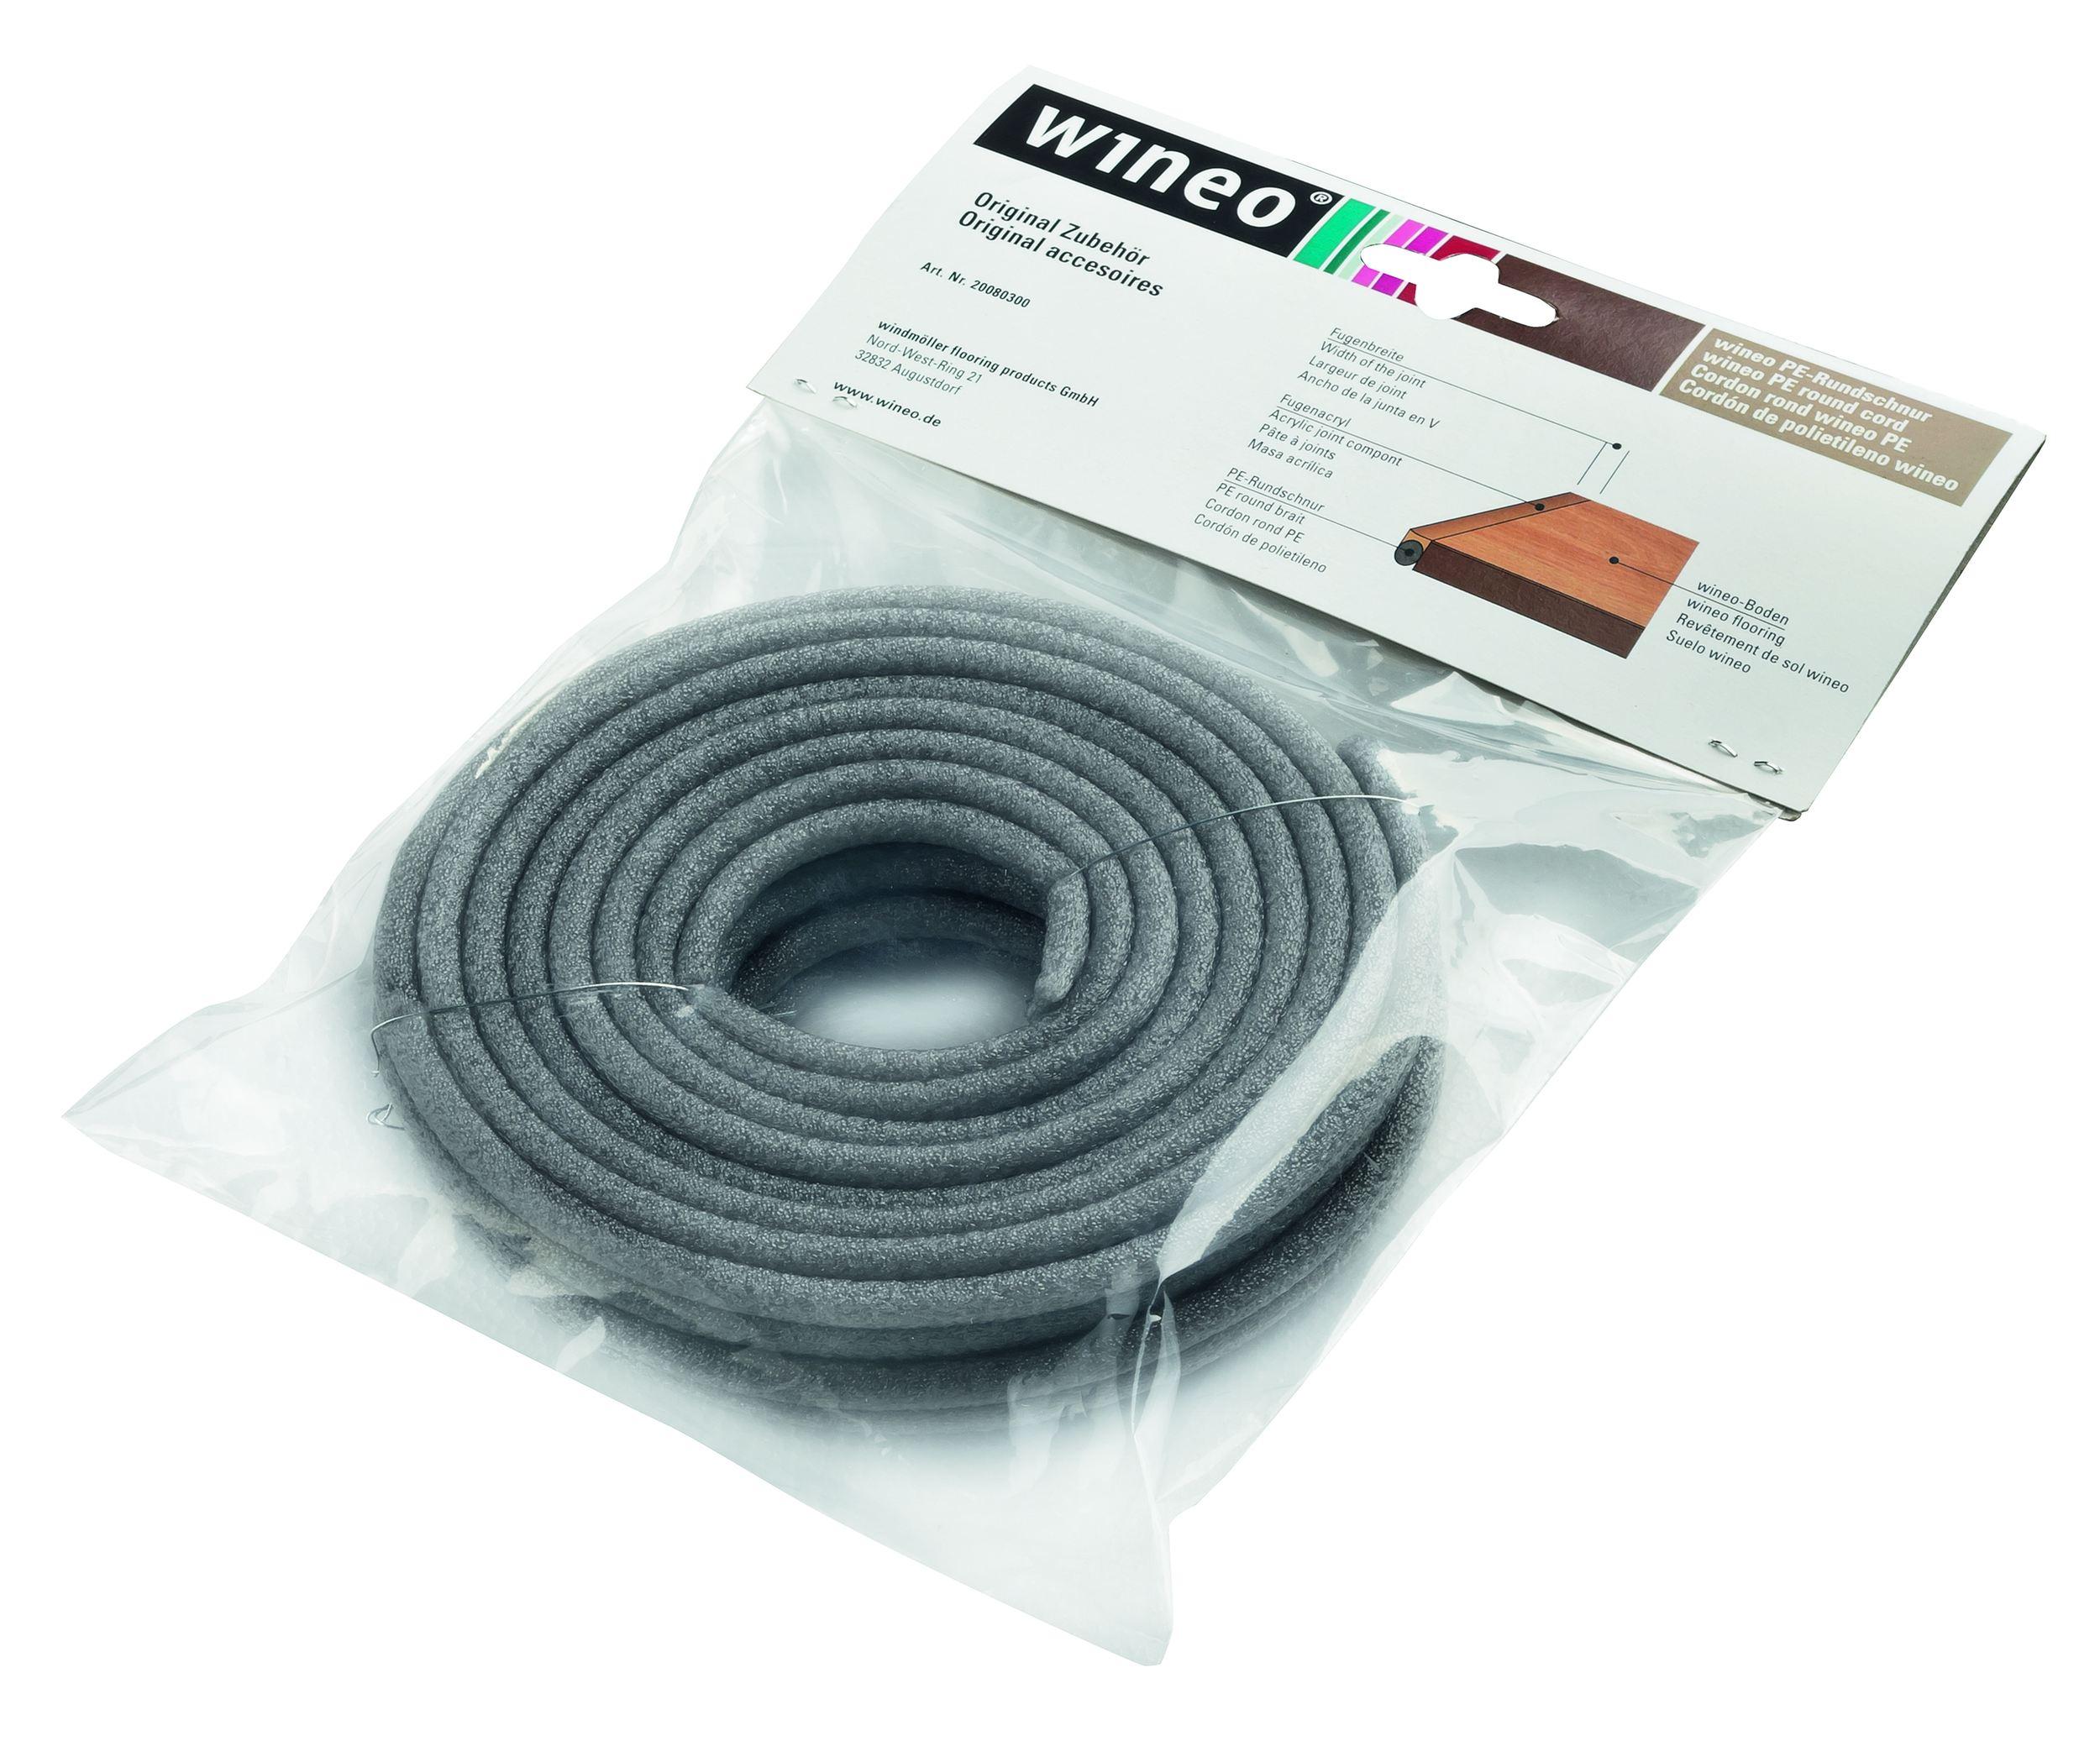 Recover Green Vorwerk pe rundschnur für wineo vinyl designbeläge profile sockelleisten profile zubehör